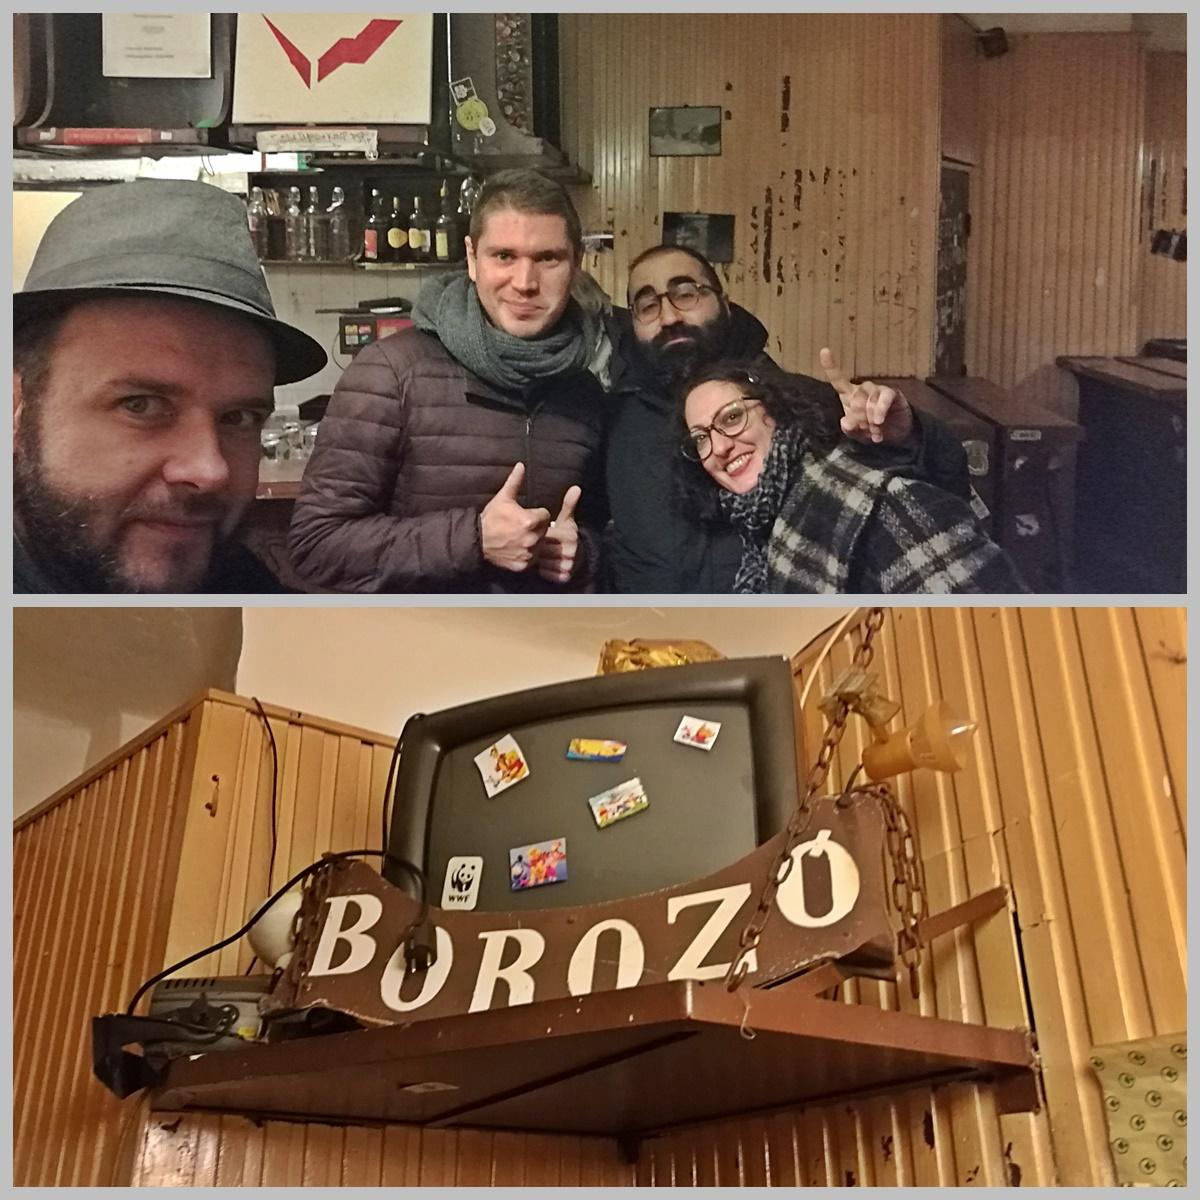 Budapesti Kocsmatúra olasz szemmel - Villanyi Borozó - Kocsmaturista